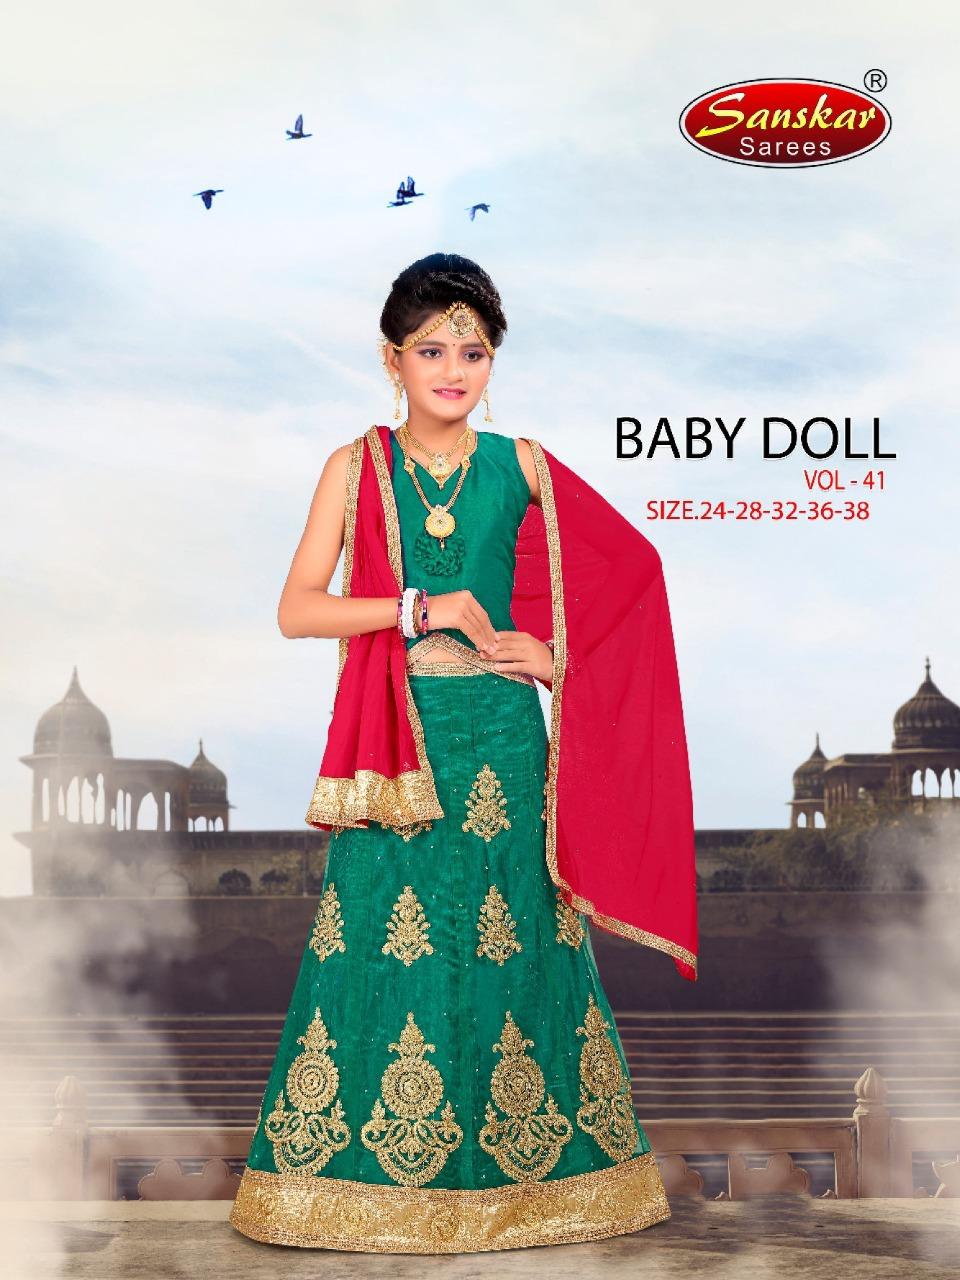 Sanskar Style Baby Doll Vol 41 Designer Net Kids Lehanga Collection